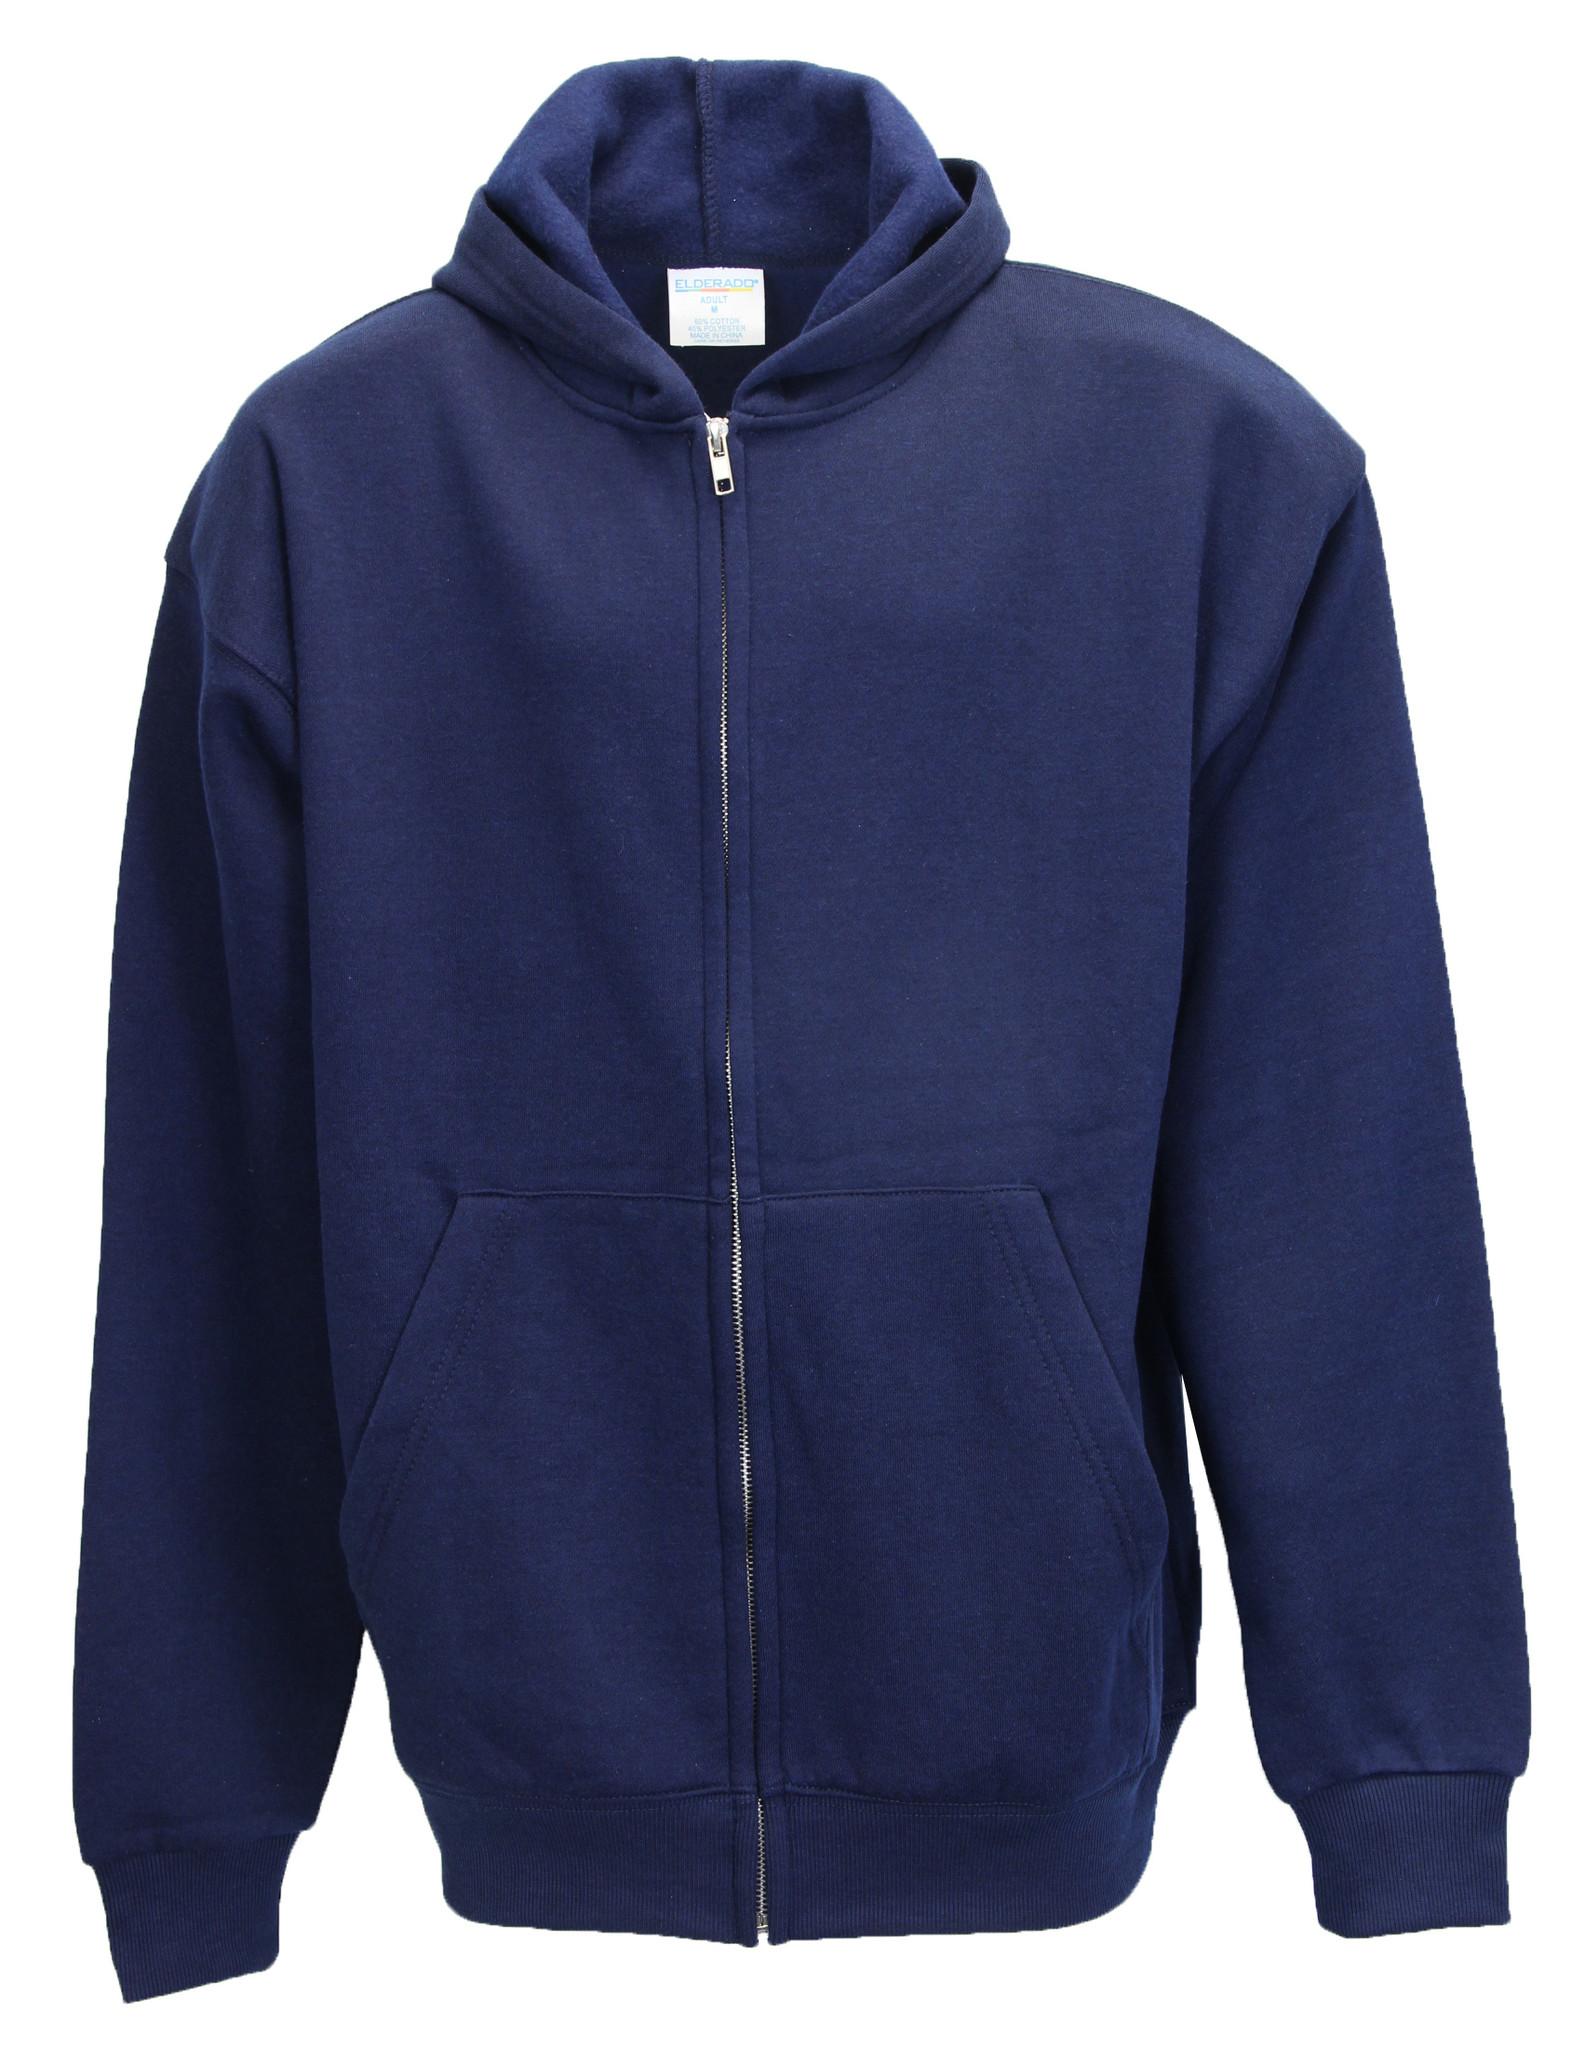 St Andrew Zipper Sweatshirt (Elder)